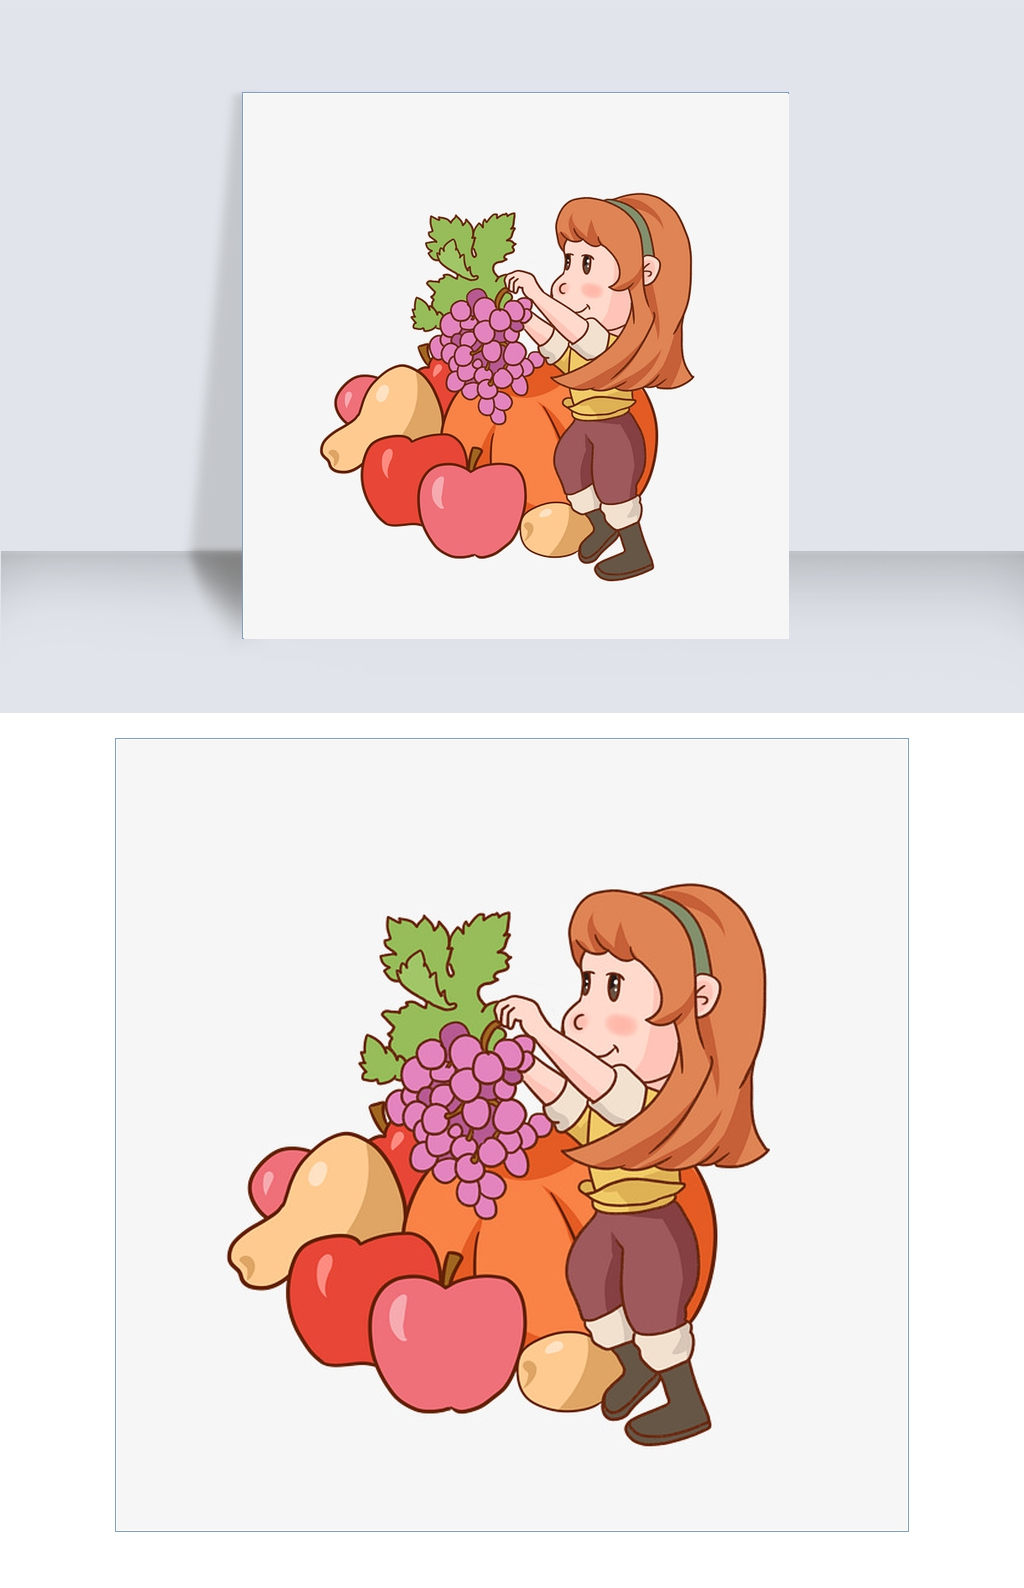 丰收女孩水果手绘图图片素材 其他格式 下载 动漫人物大全